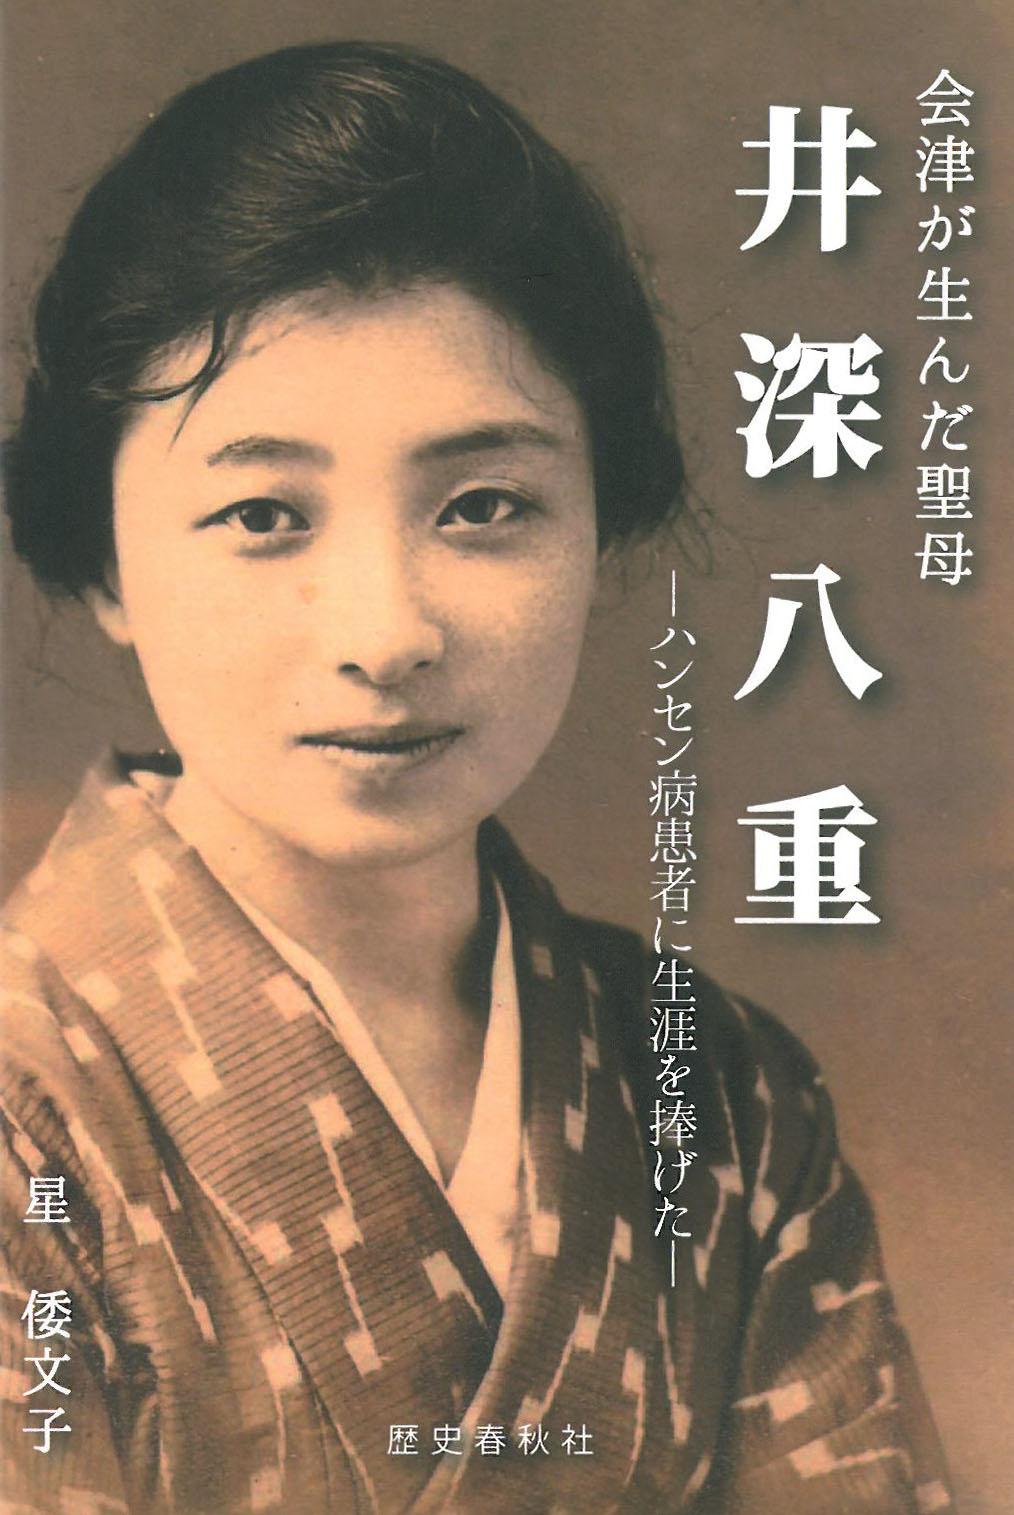 会津が生んだ聖母 井深八重—ハンセン病患者に生涯を捧げた